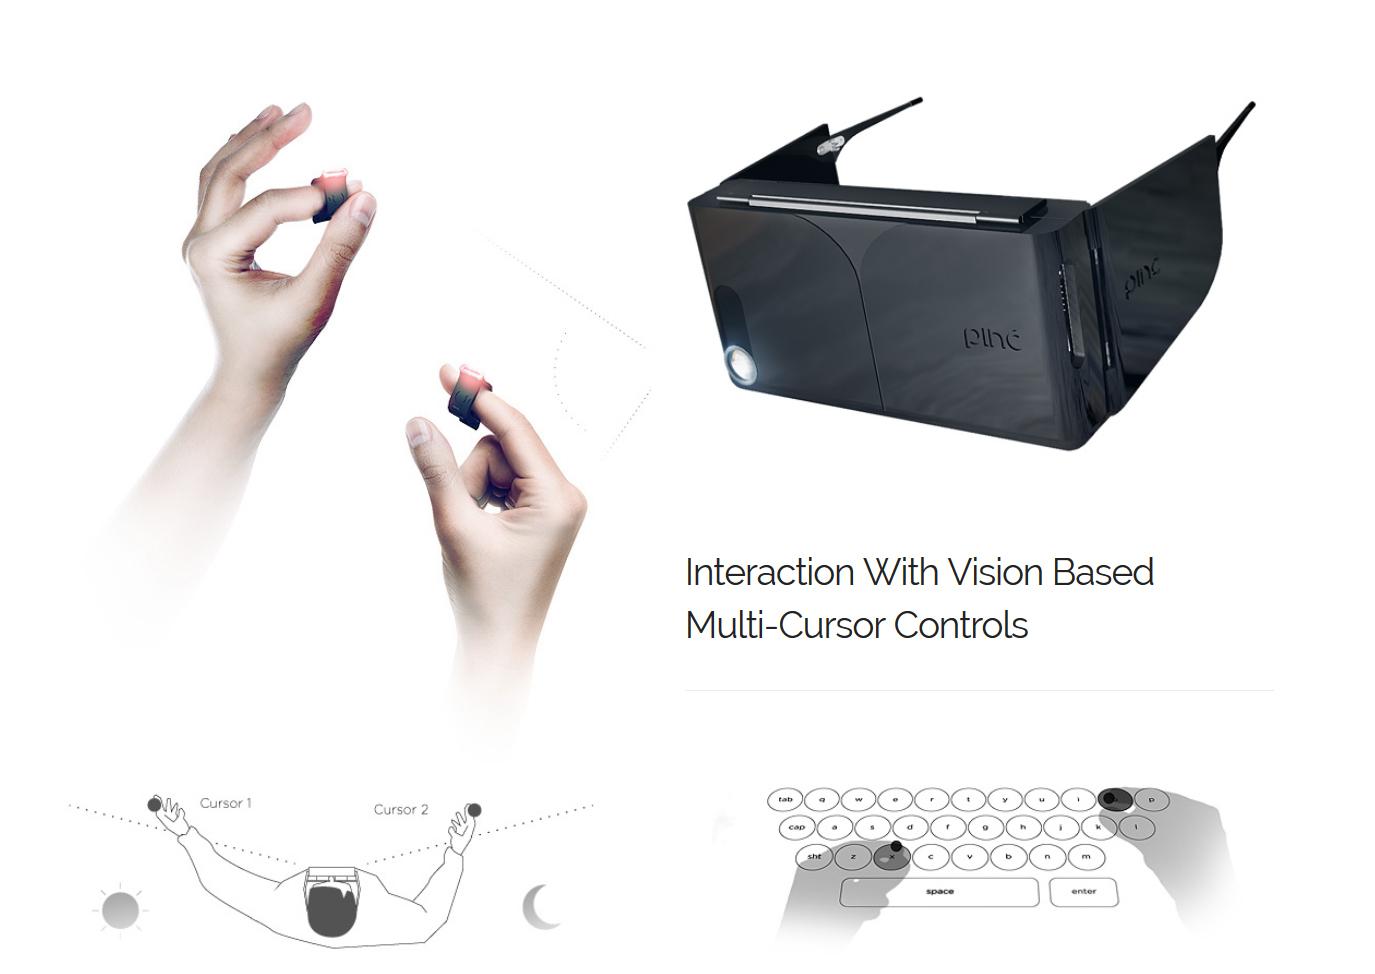 pinc aus dem iphone 6 wird eine vr brille mit. Black Bedroom Furniture Sets. Home Design Ideas